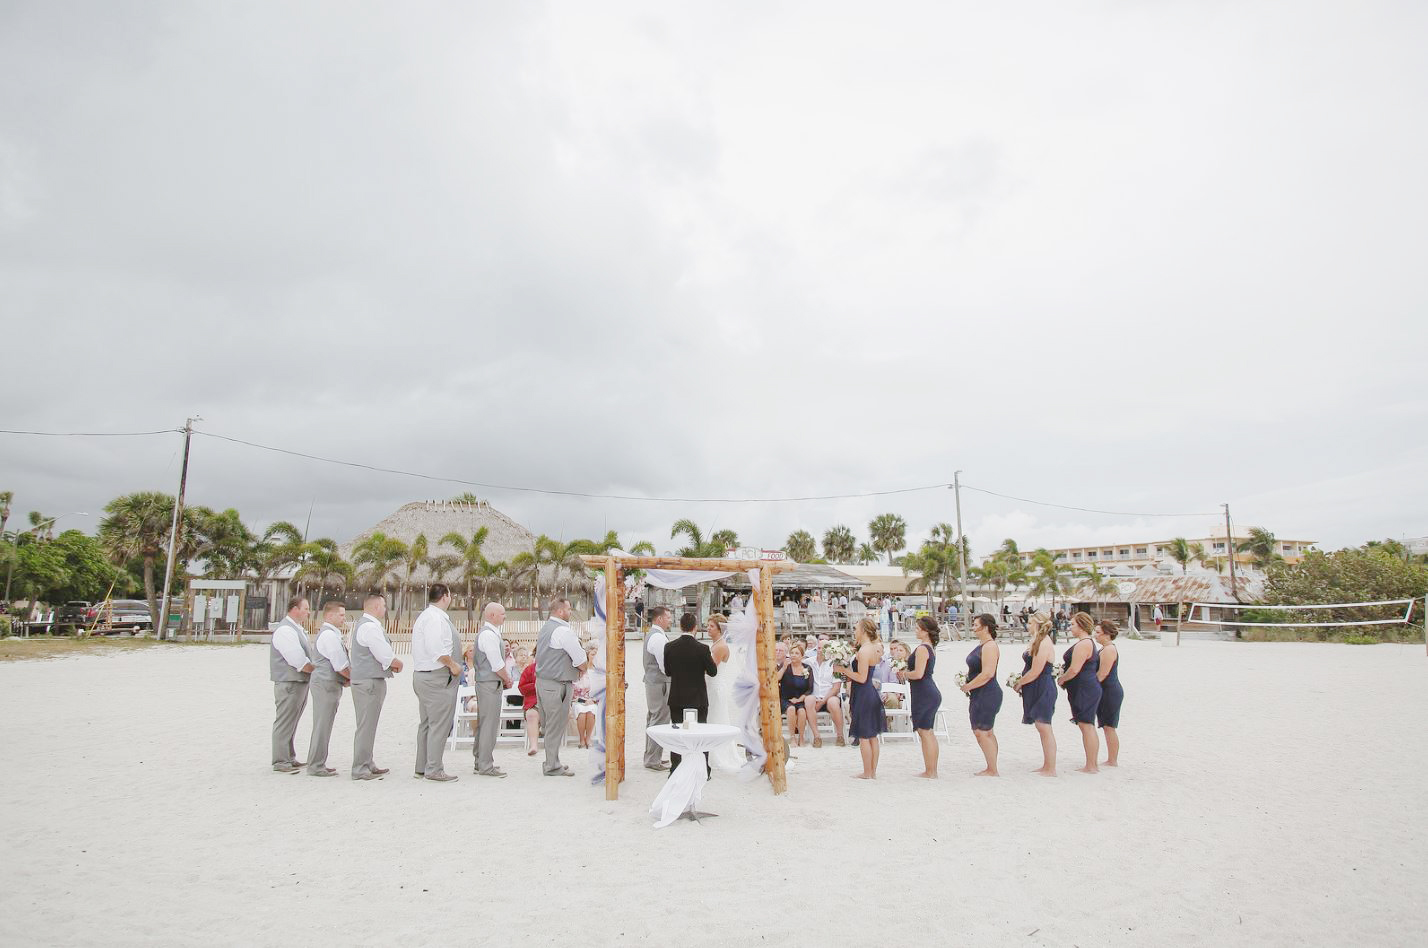 Jaime_wedding_photographer_024.JPG